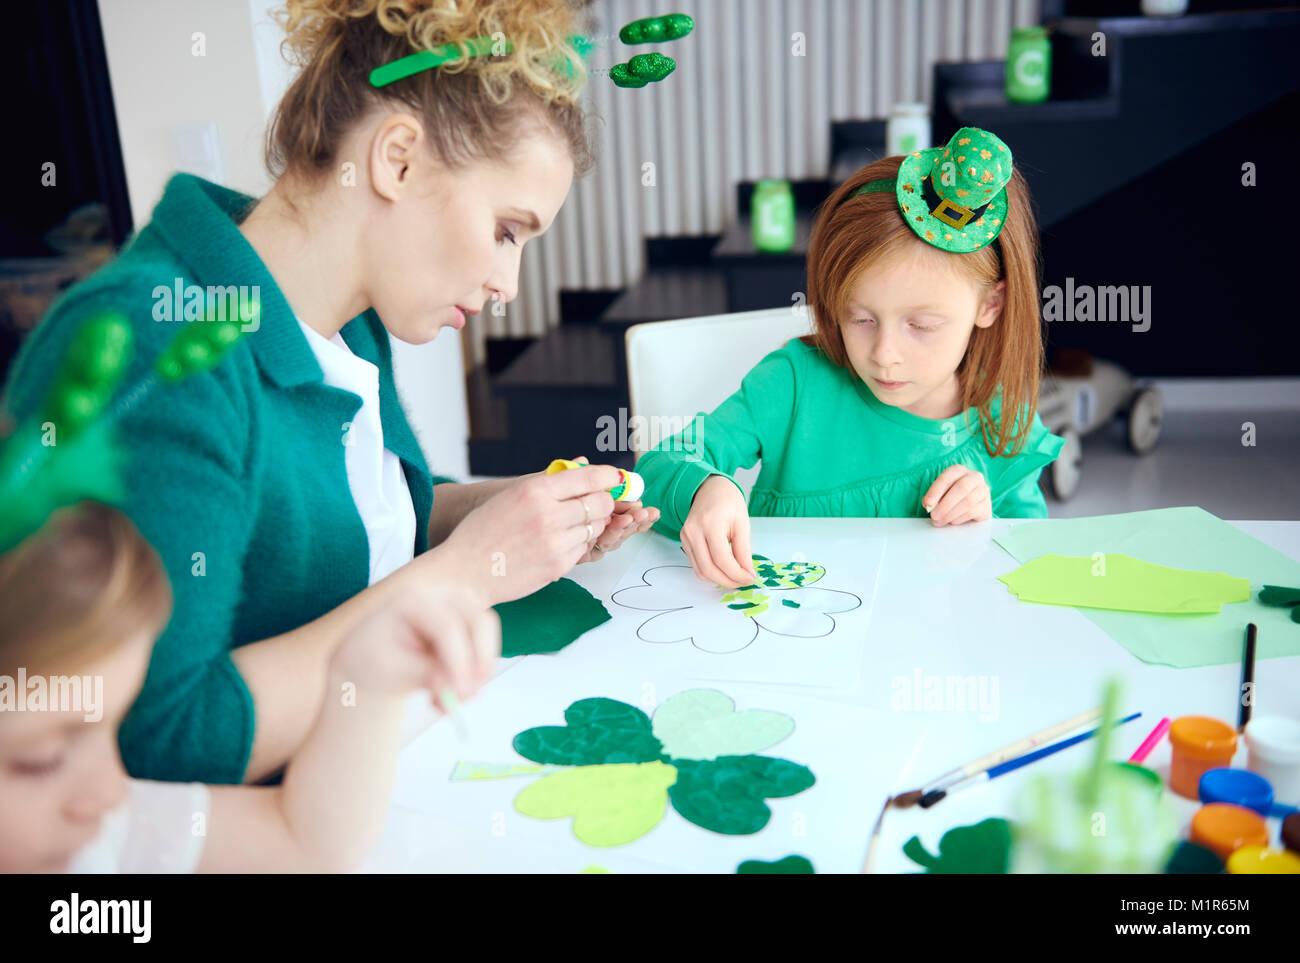 Mujer con chicas haciendo ornamento en Saint Patrick's day Imagen De Stock